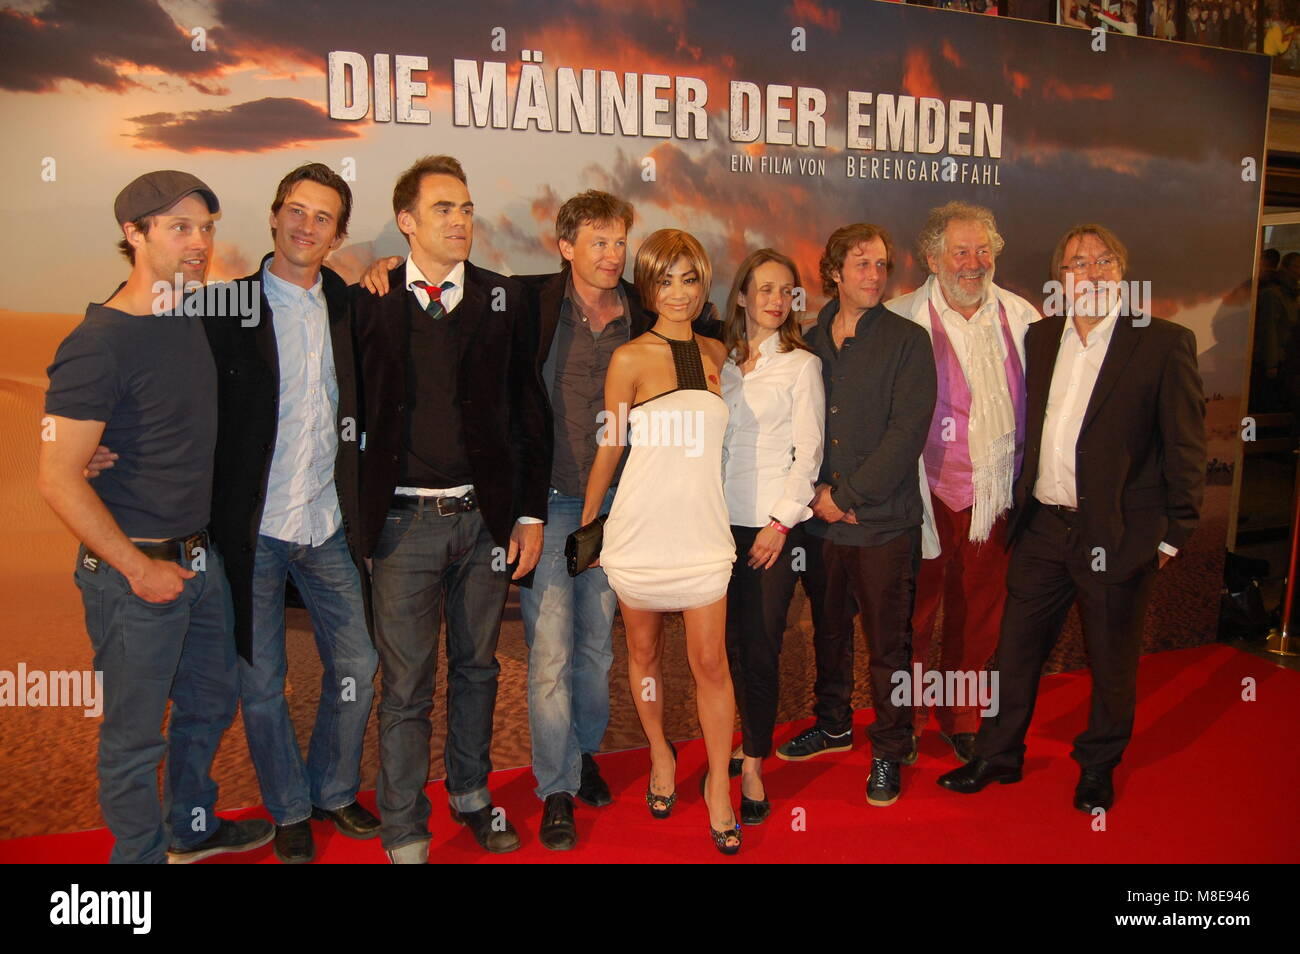 BAI LING 'Die Männer der Emden' - Weltpremiere. 01.06.2012, Lichtburg, Essen - Stock Image